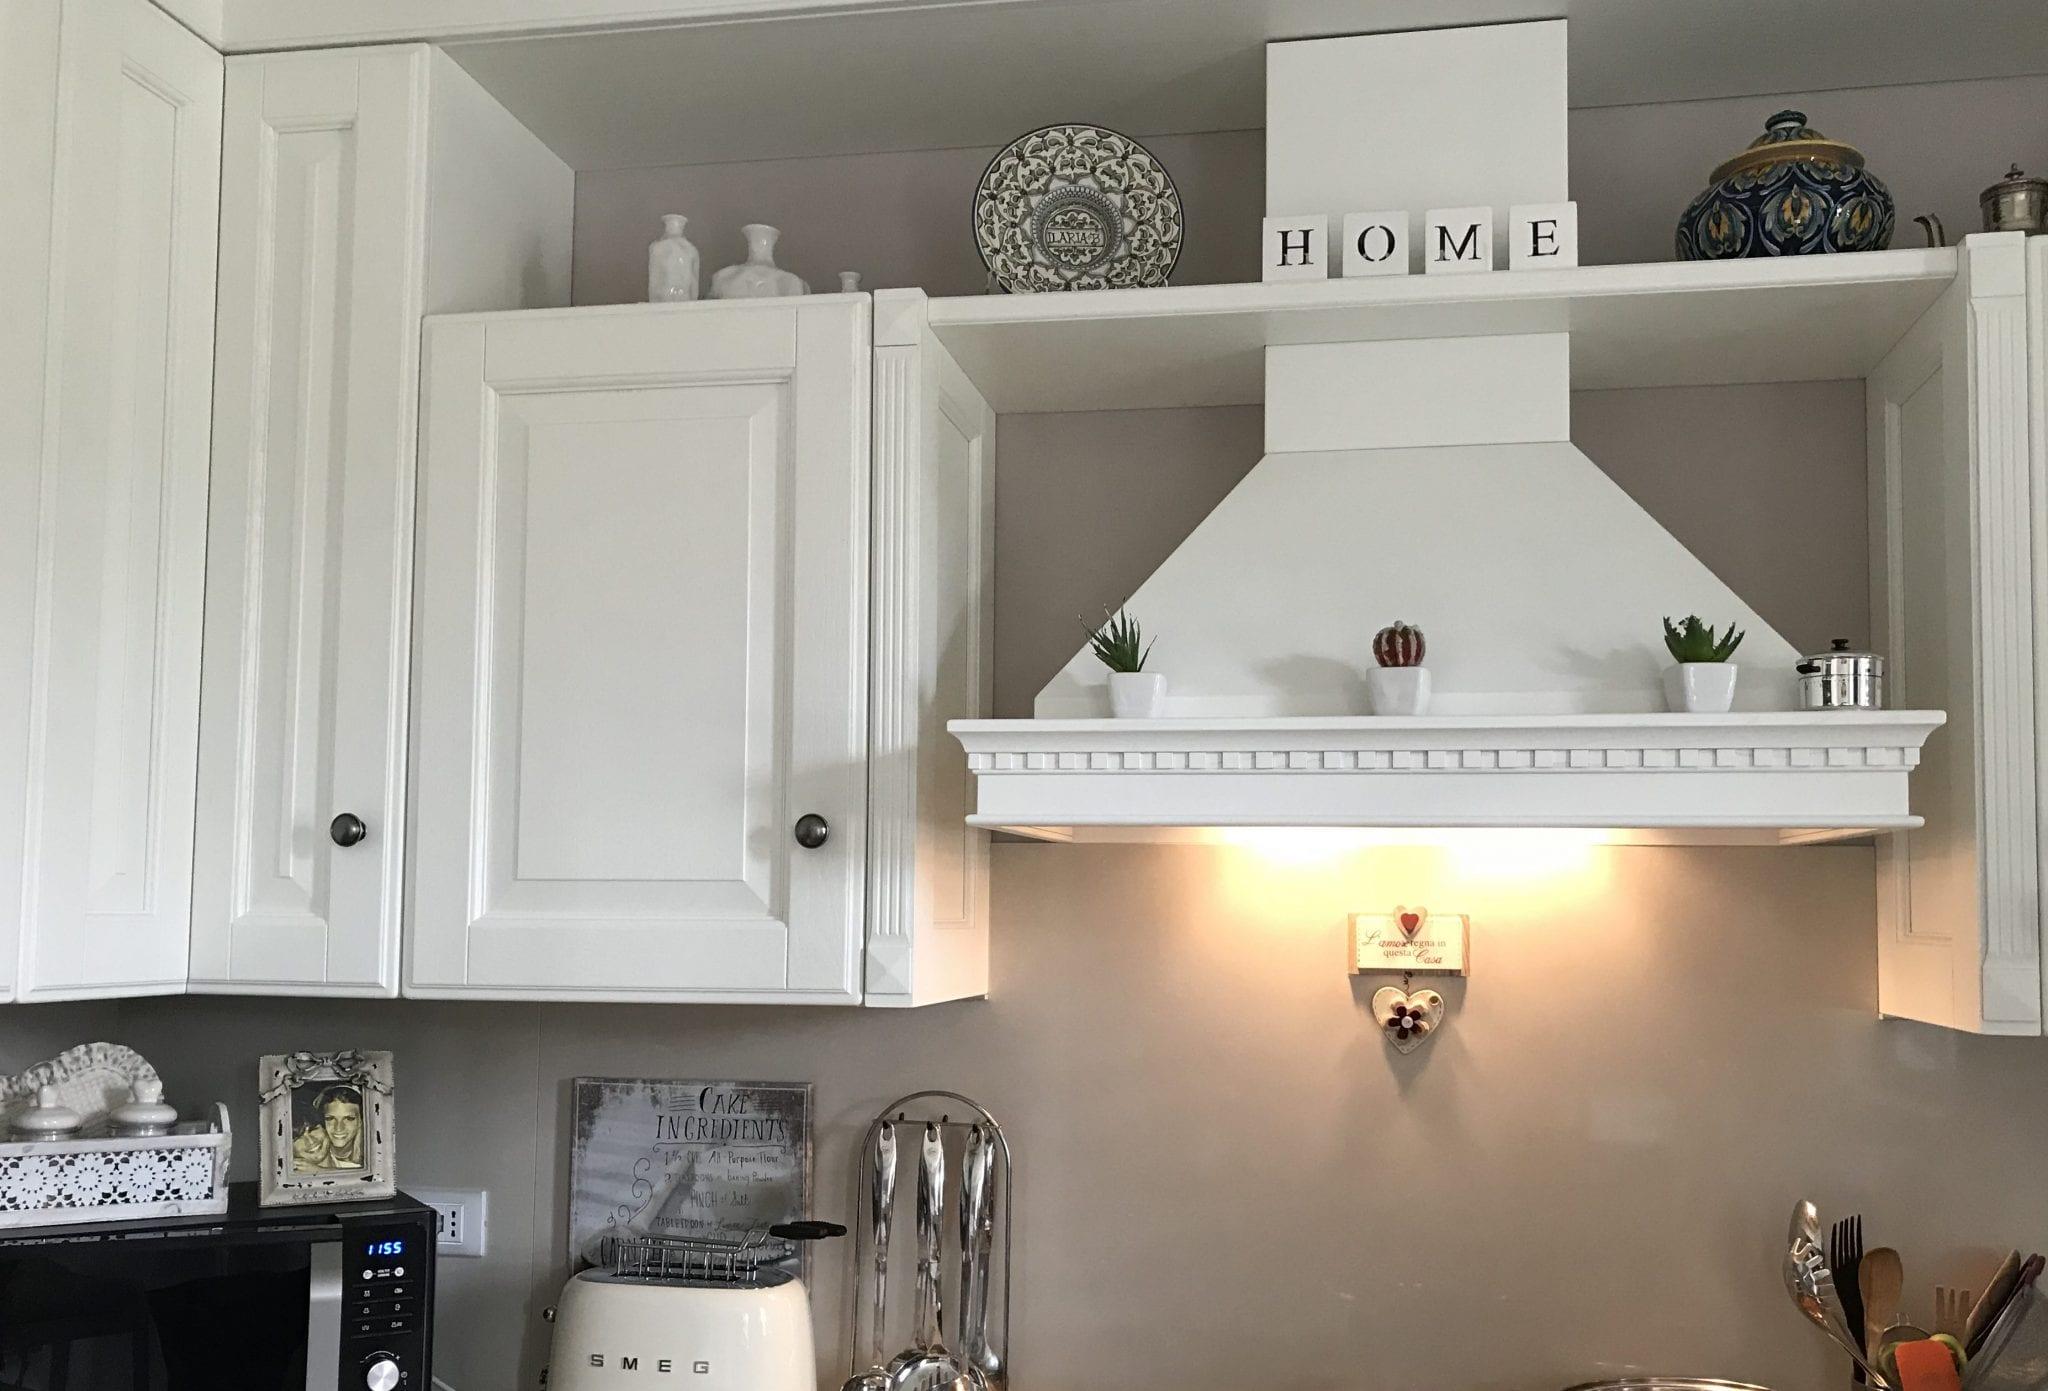 Cucina i miei 5 piccoli elettrodomestici preferiti - Disposizione elettrodomestici cucina ...